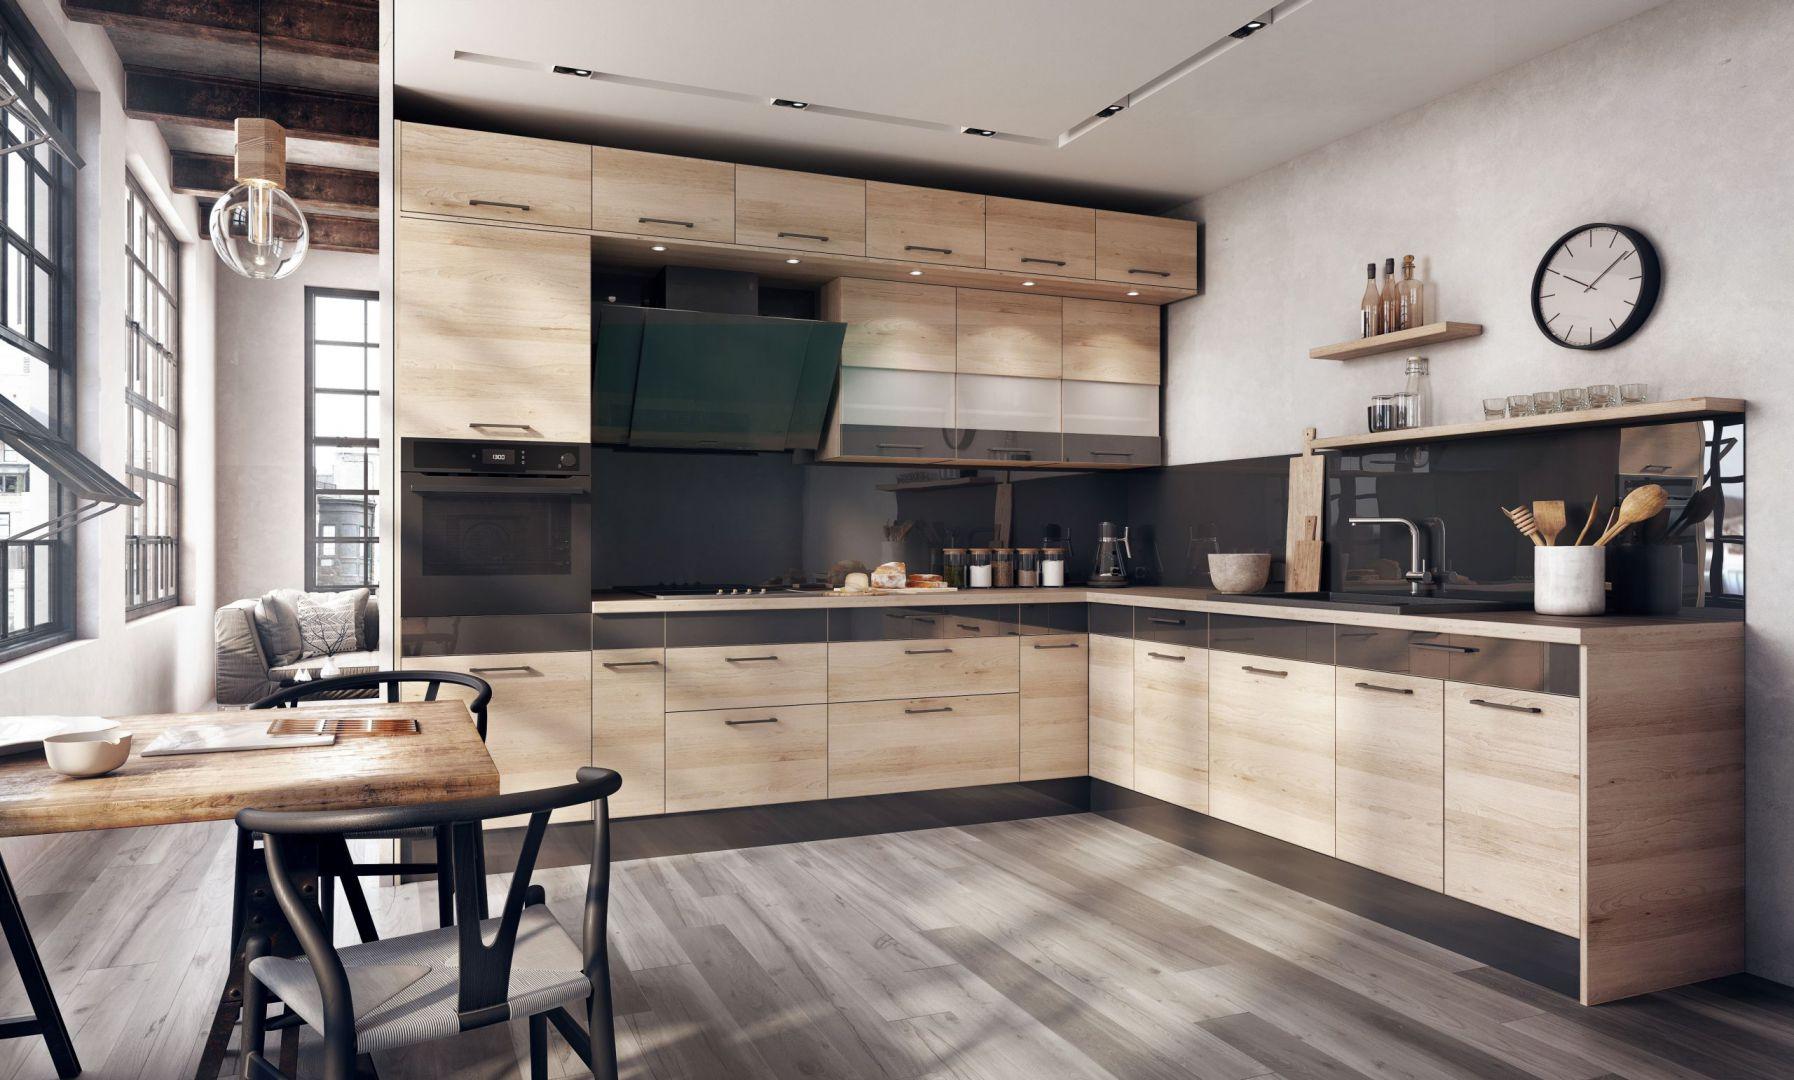 W zestawieniu z czarnym kolorem kuchnia zaaranżowana dekorem buk jasny nabiera bardziej dynamicznego charakteru. Fot. KAM